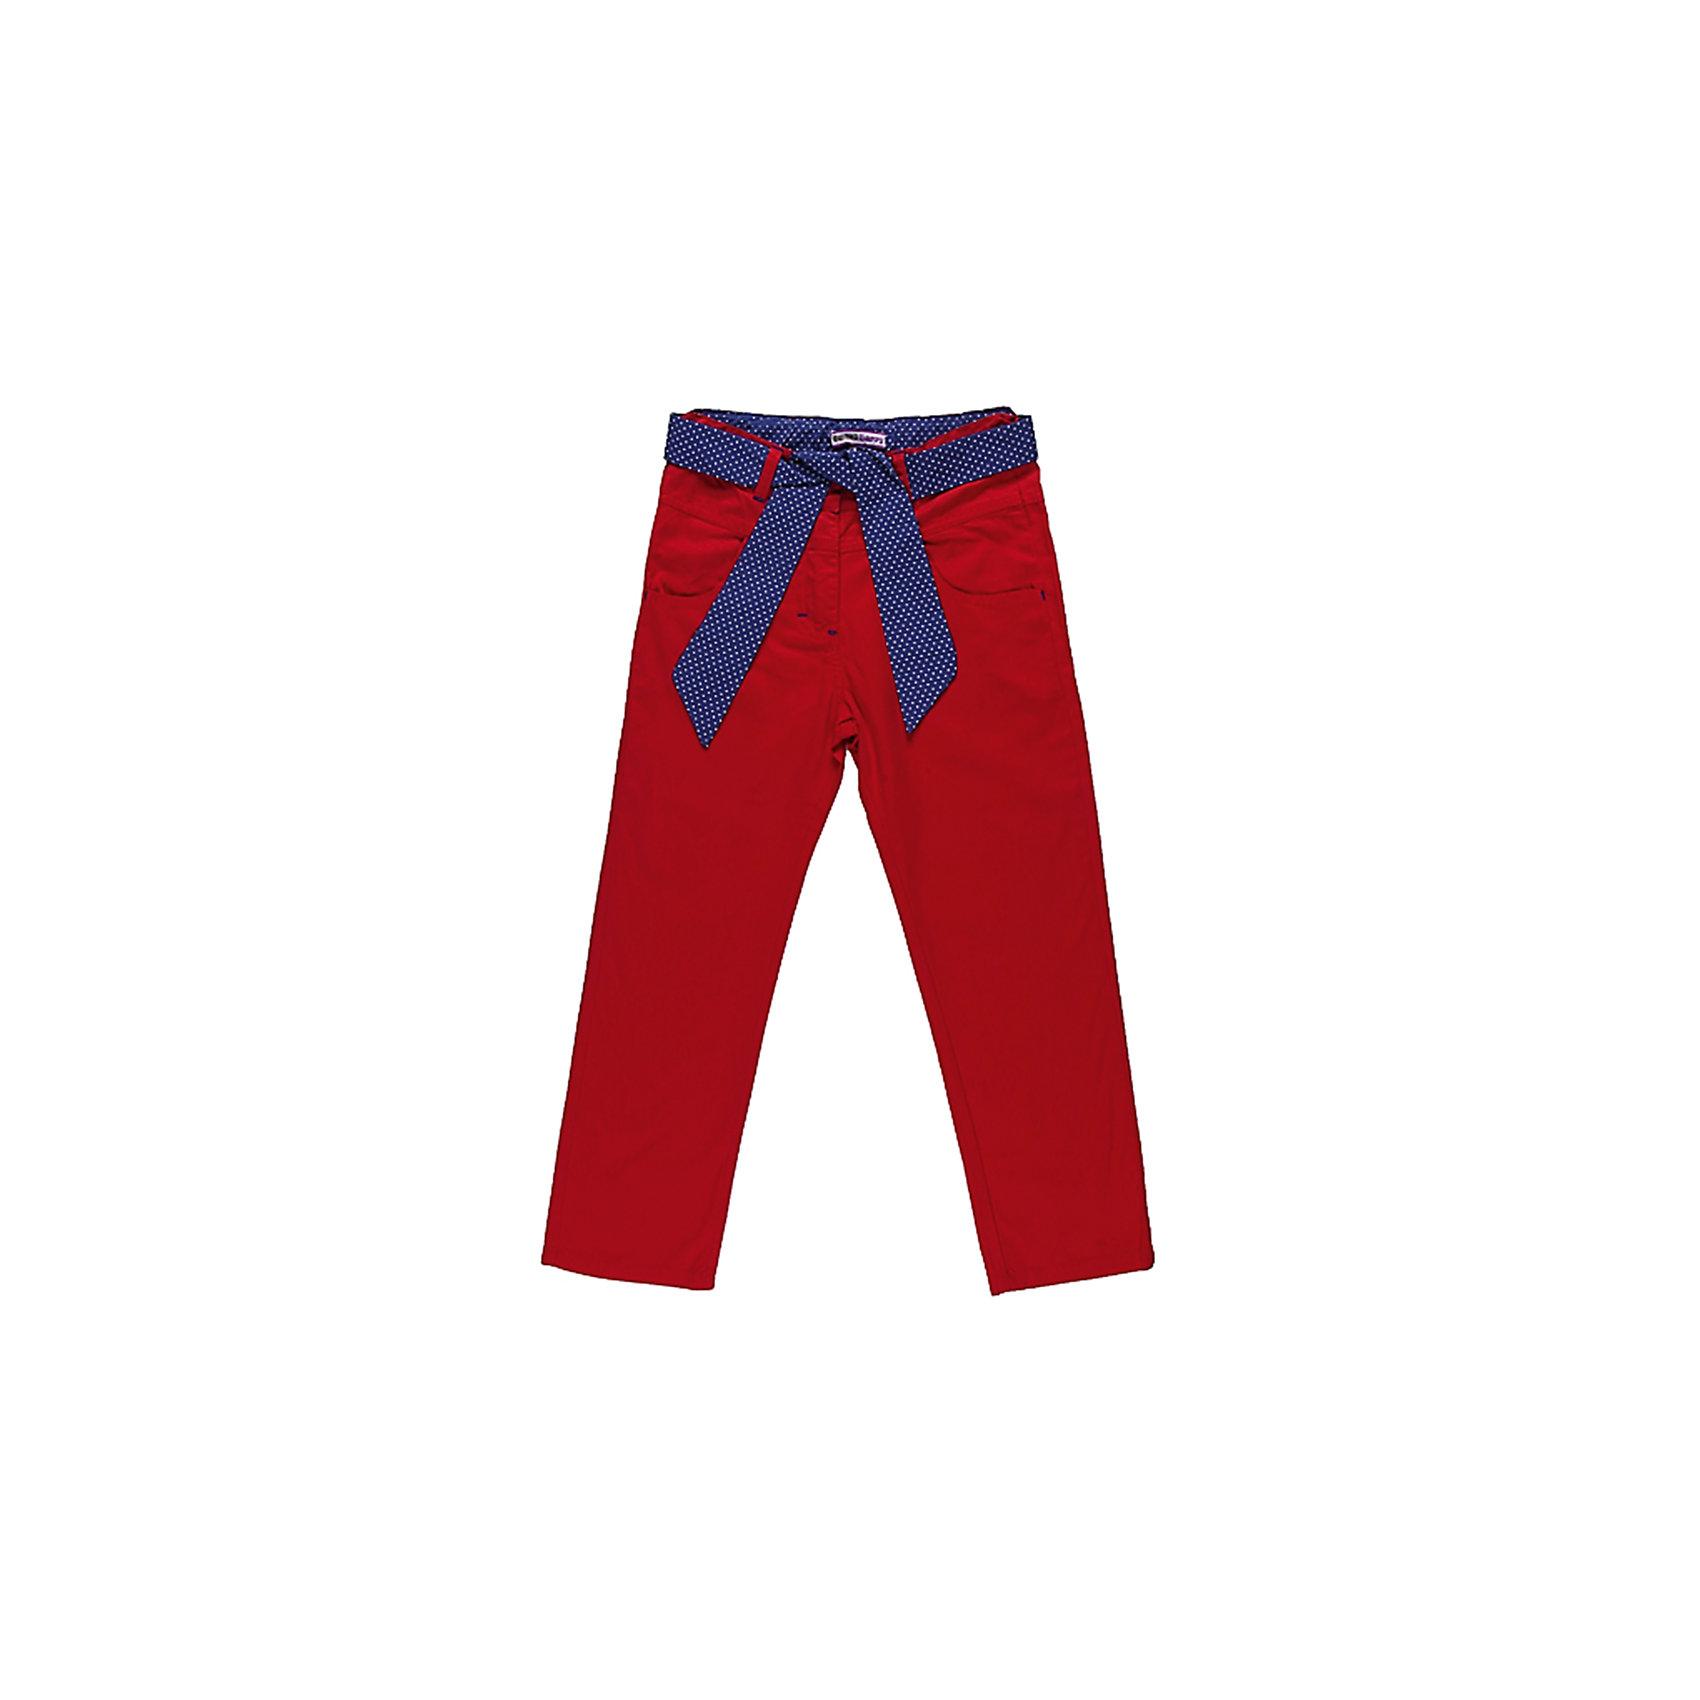 Брюки для девочки Sweet BerryБрюки<br>Летние брюки на девочку, из тонкого поплина. Четыре функциональных кармана, Модель дополнена текстильным поясом в горох. Есть утяжки.<br>Состав:<br>100% хлопок<br><br>Ширина мм: 215<br>Глубина мм: 88<br>Высота мм: 191<br>Вес г: 336<br>Цвет: красный<br>Возраст от месяцев: 24<br>Возраст до месяцев: 36<br>Пол: Женский<br>Возраст: Детский<br>Размер: 98,122,104,128,116,110<br>SKU: 4520965